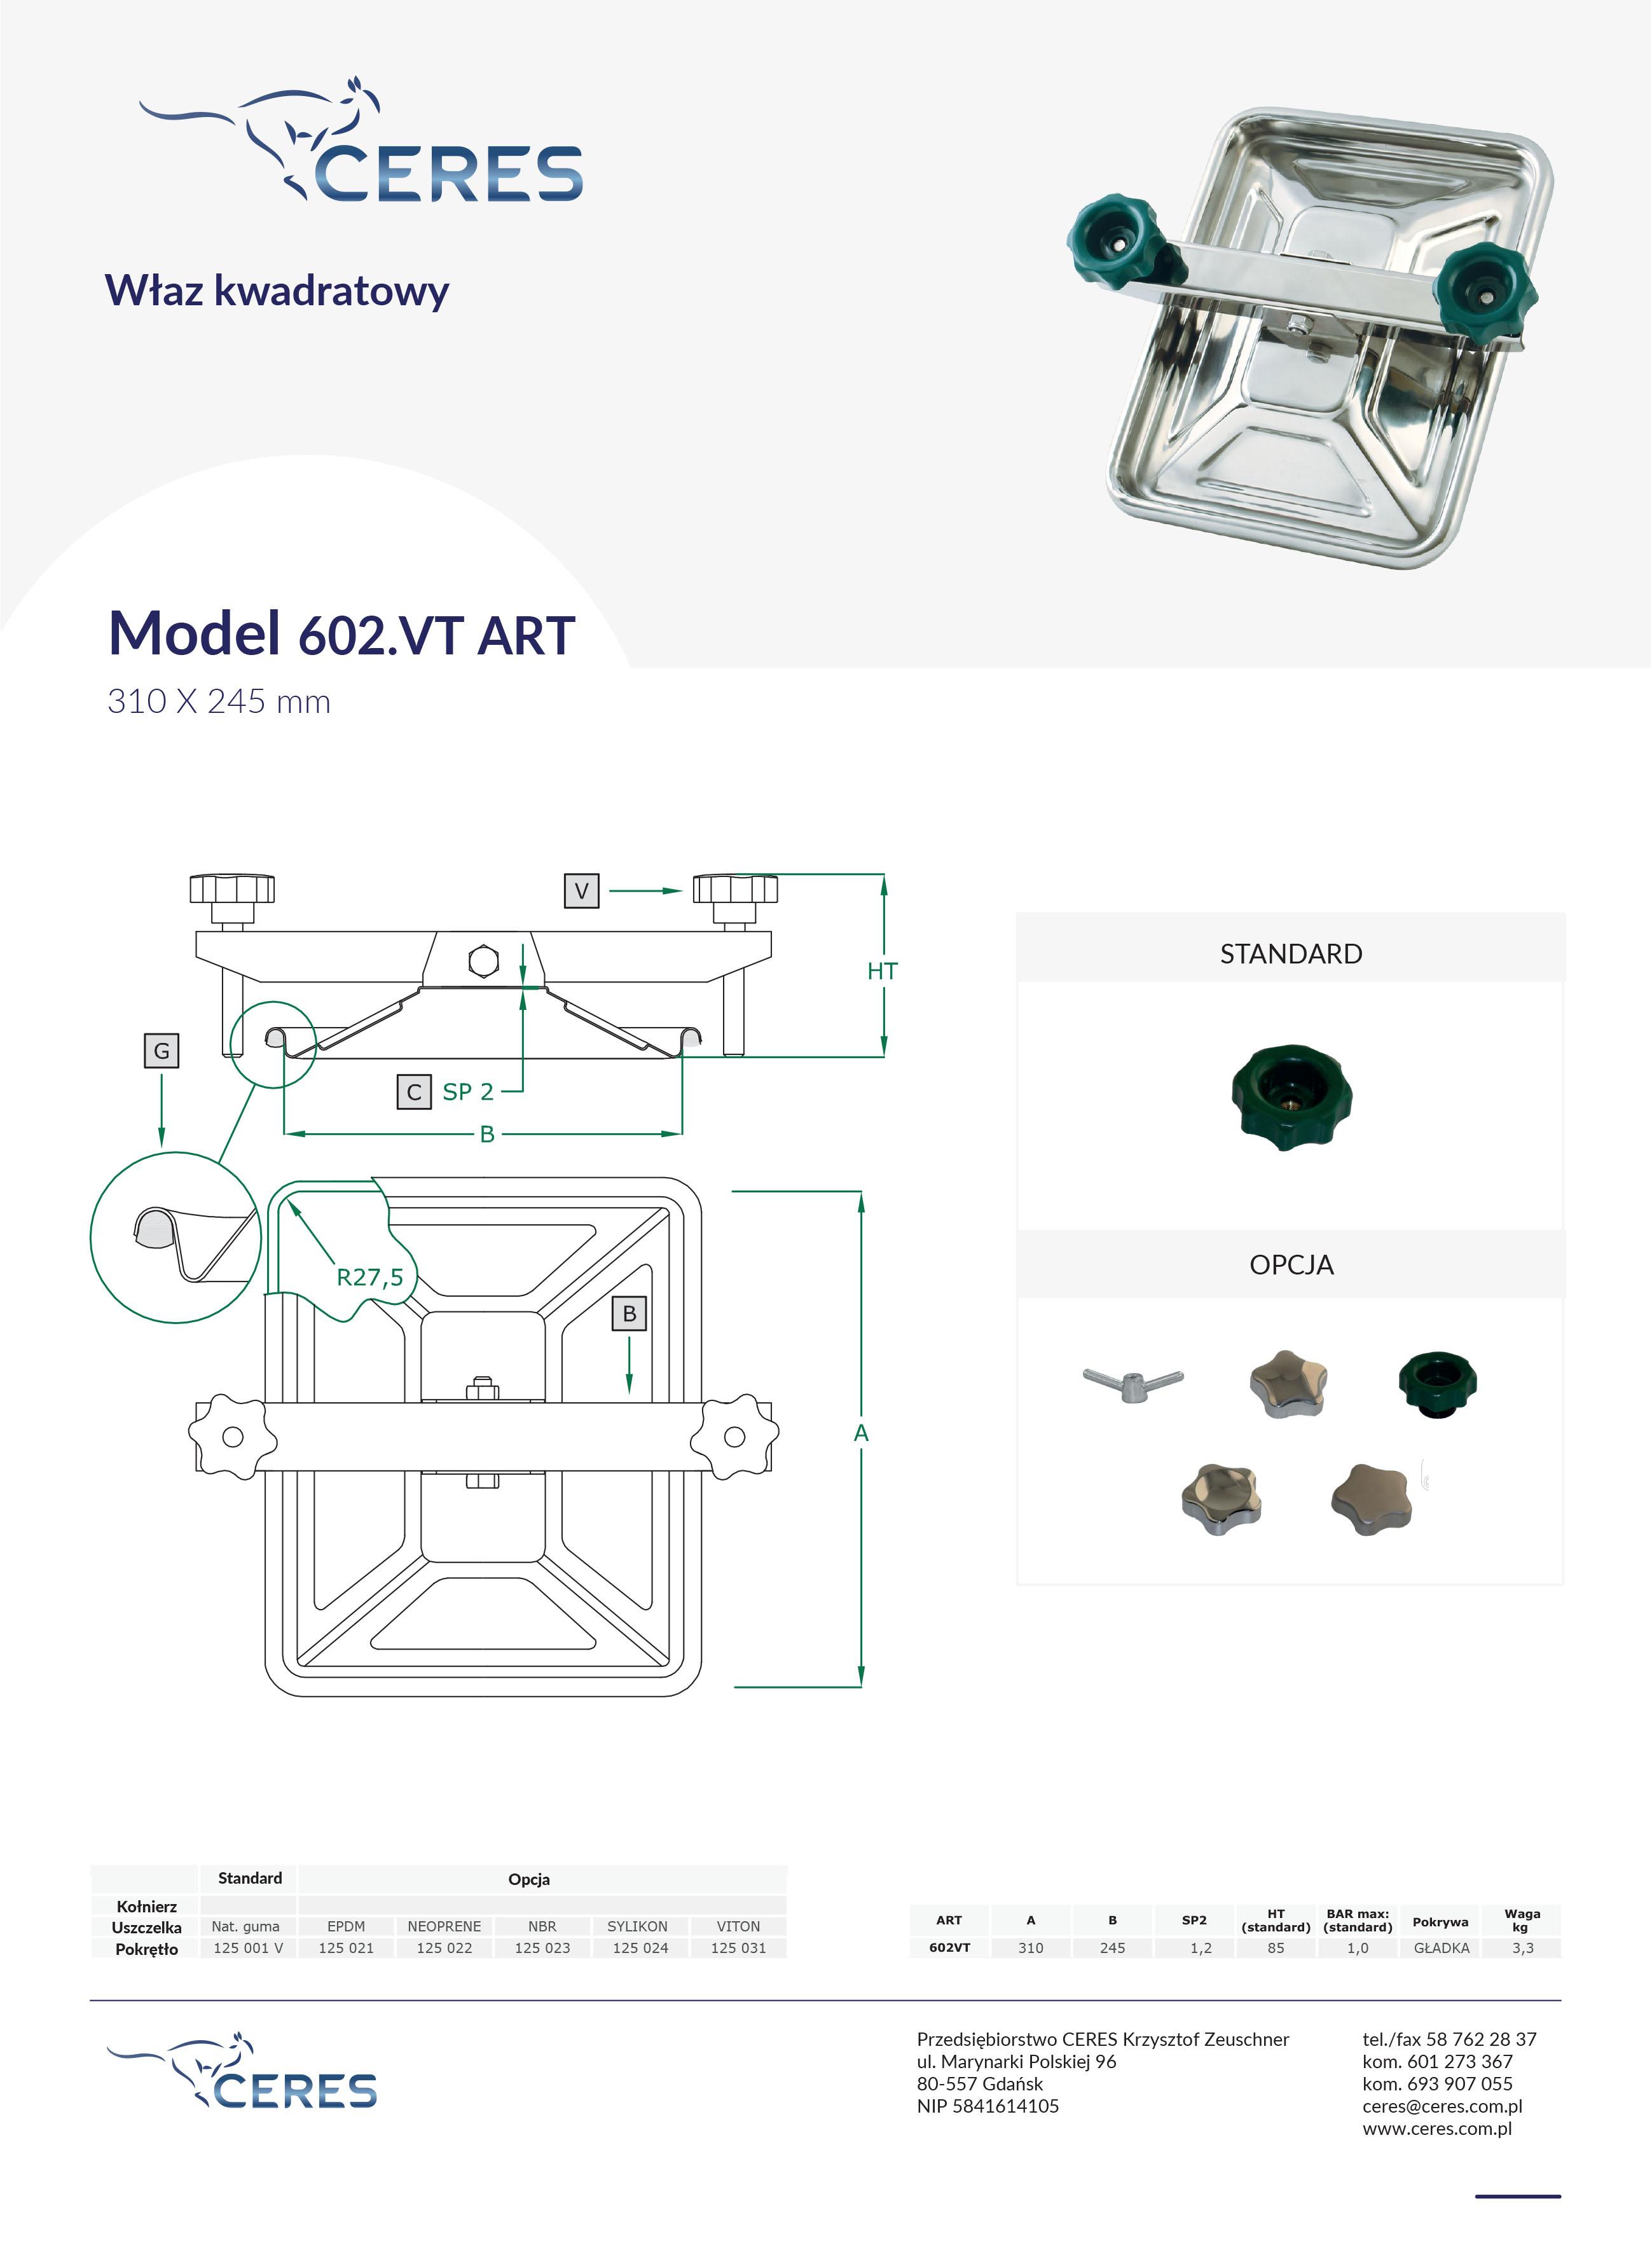 Model 602vtart